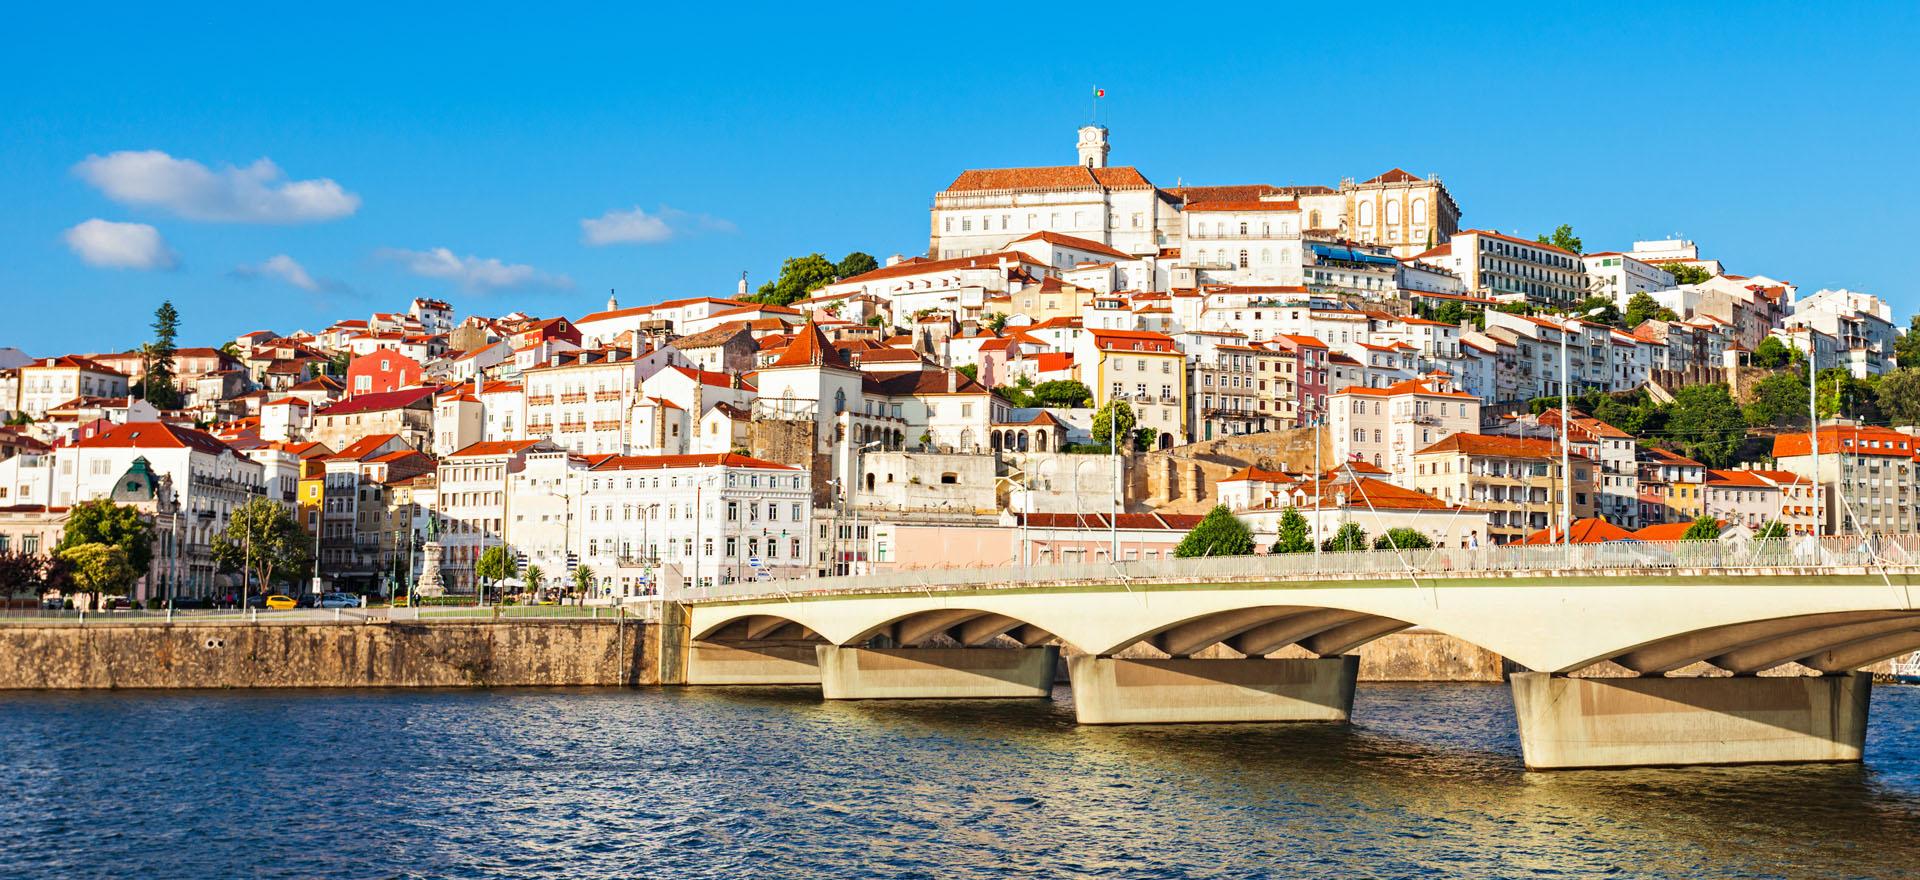 Portugal | Coimbra | Mondego River | Riviera Travel | river cruise